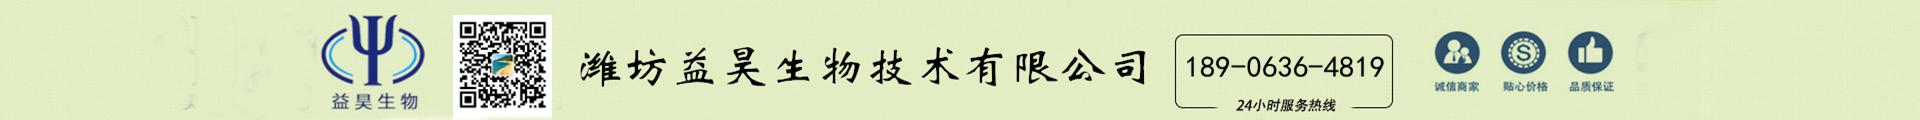 濰坊益昊生物技術有限公司